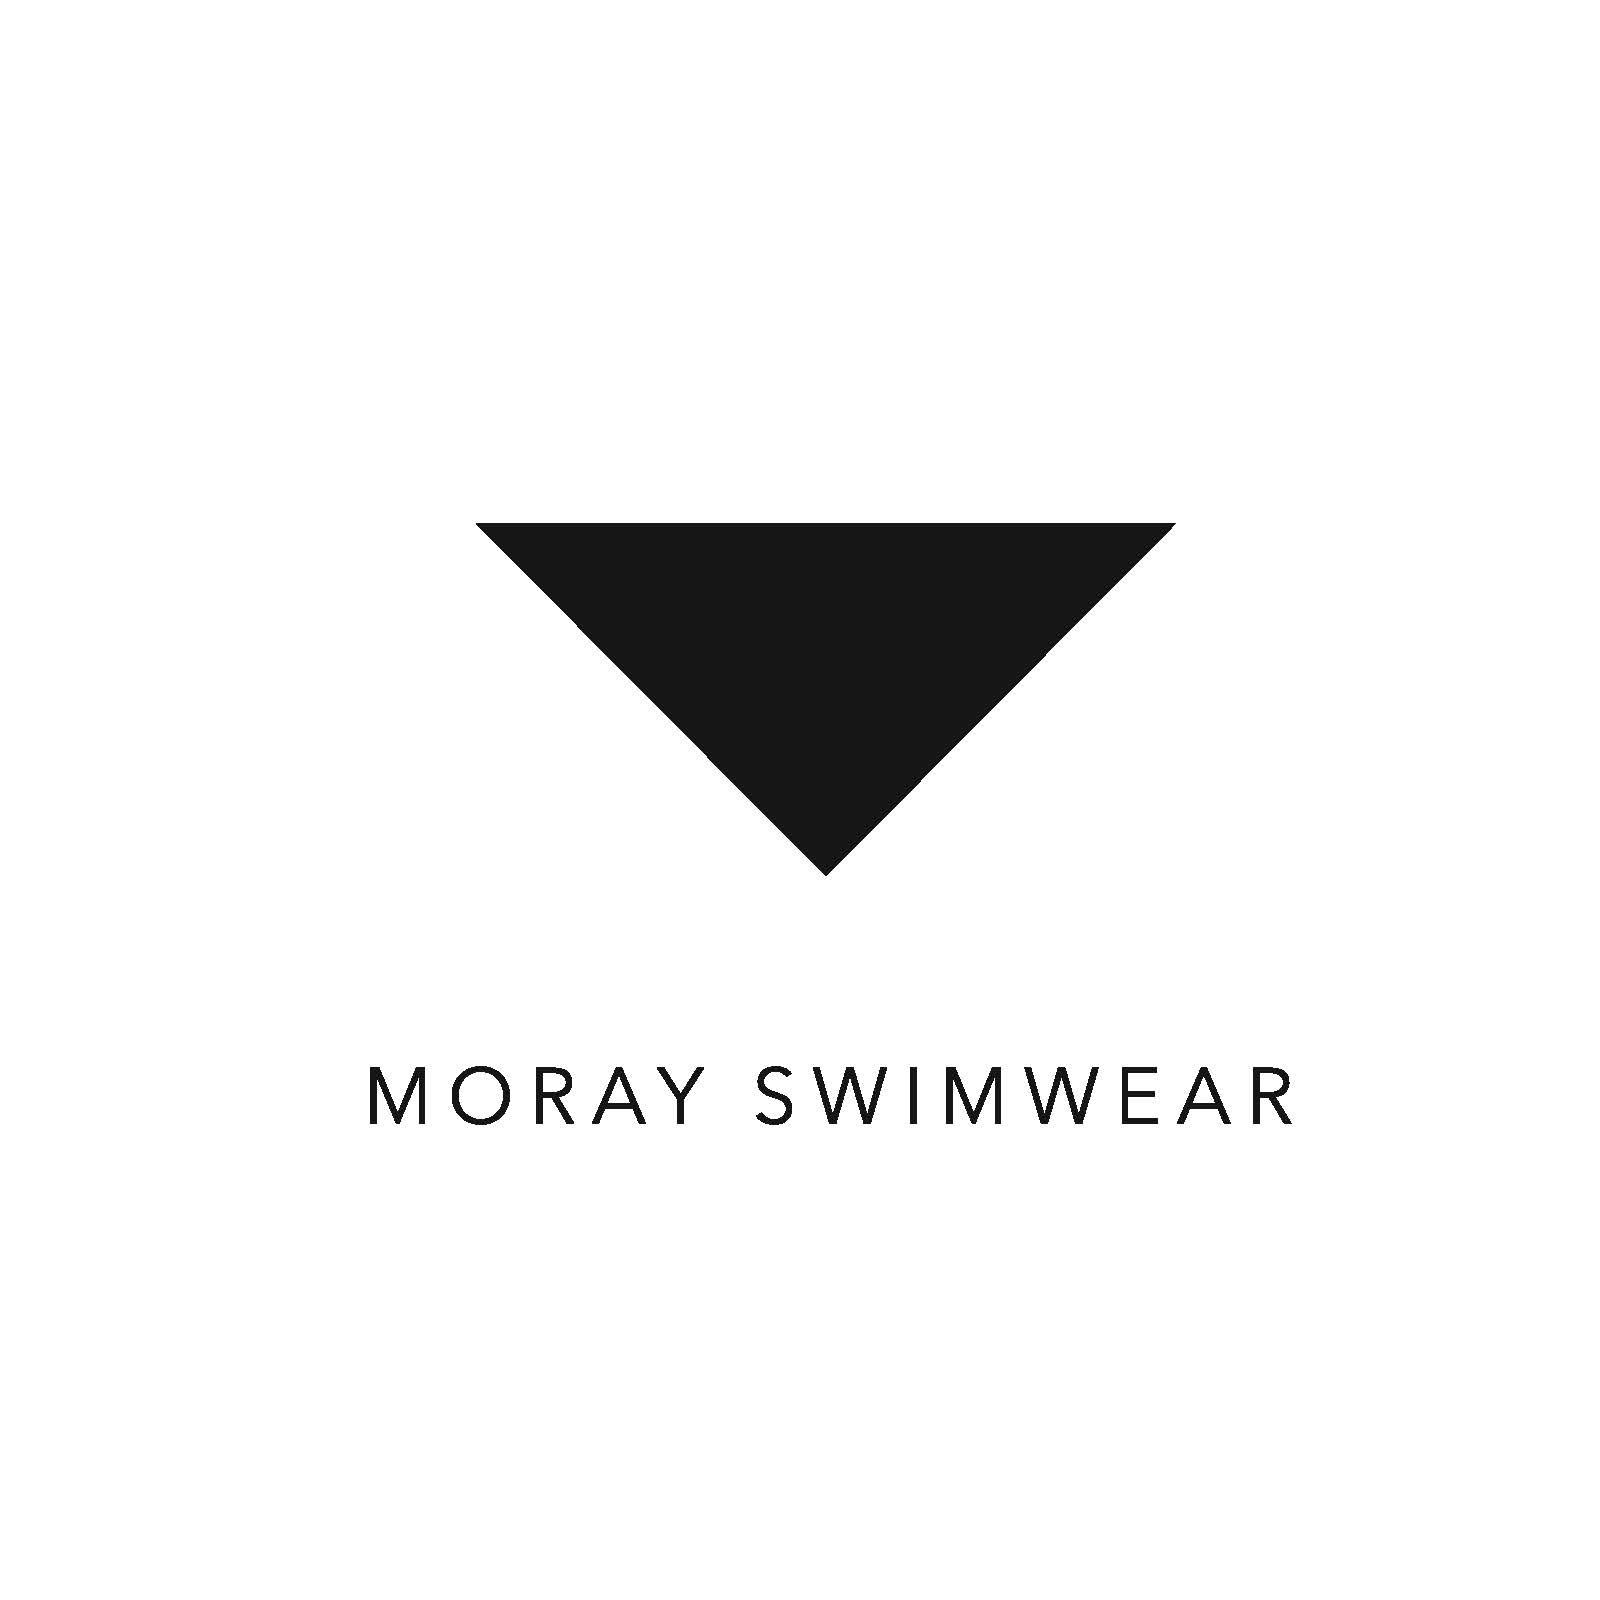 moray logo 1 triangle.jpg